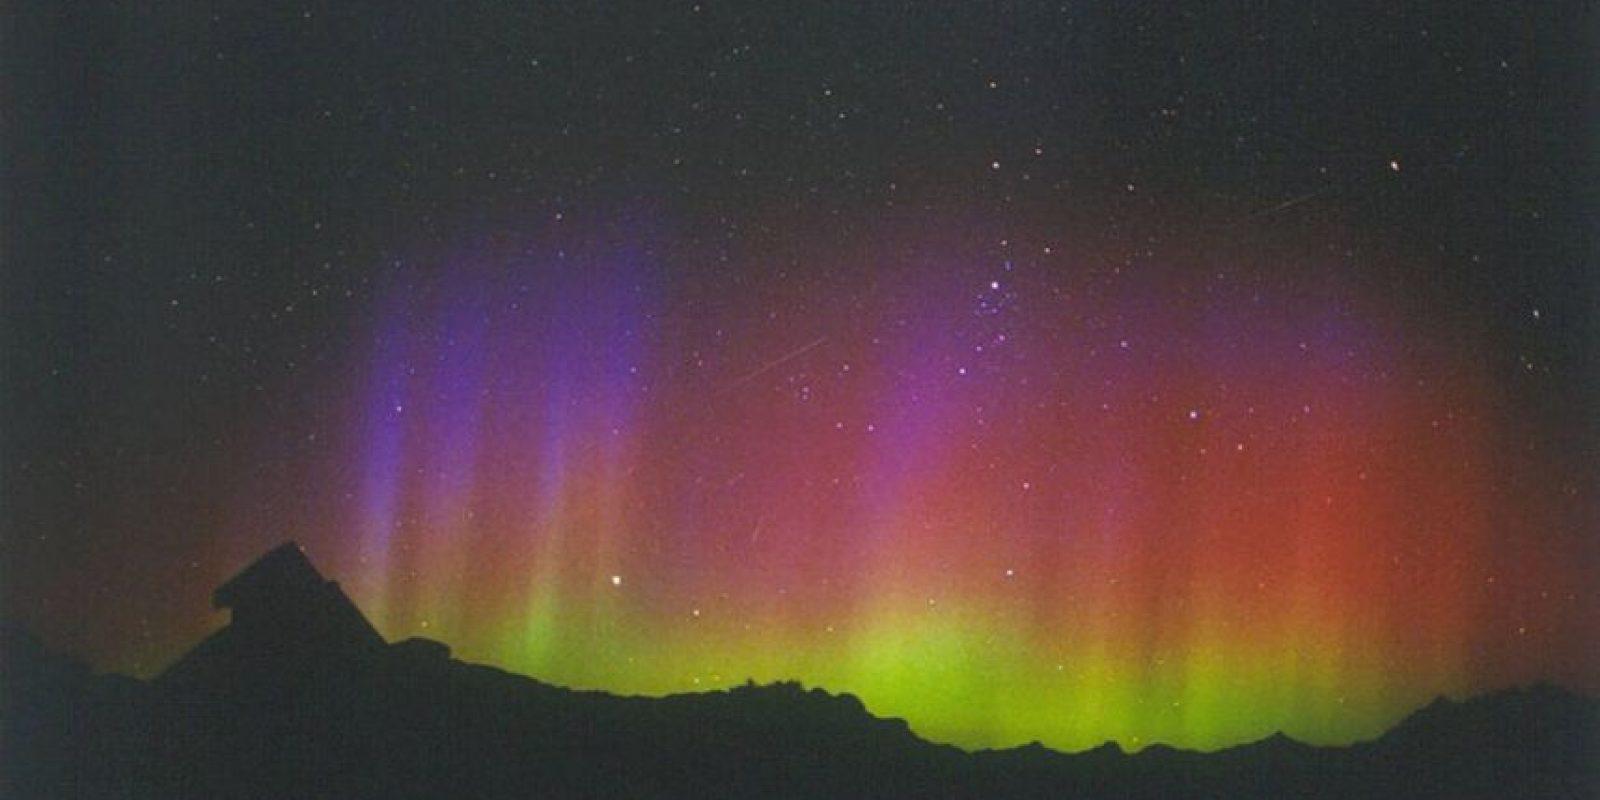 Los meteorólogos predicen un estallido de Perseidas este año con tasas normales en la noche del 11 al 12 de agosto. Foto:NASA